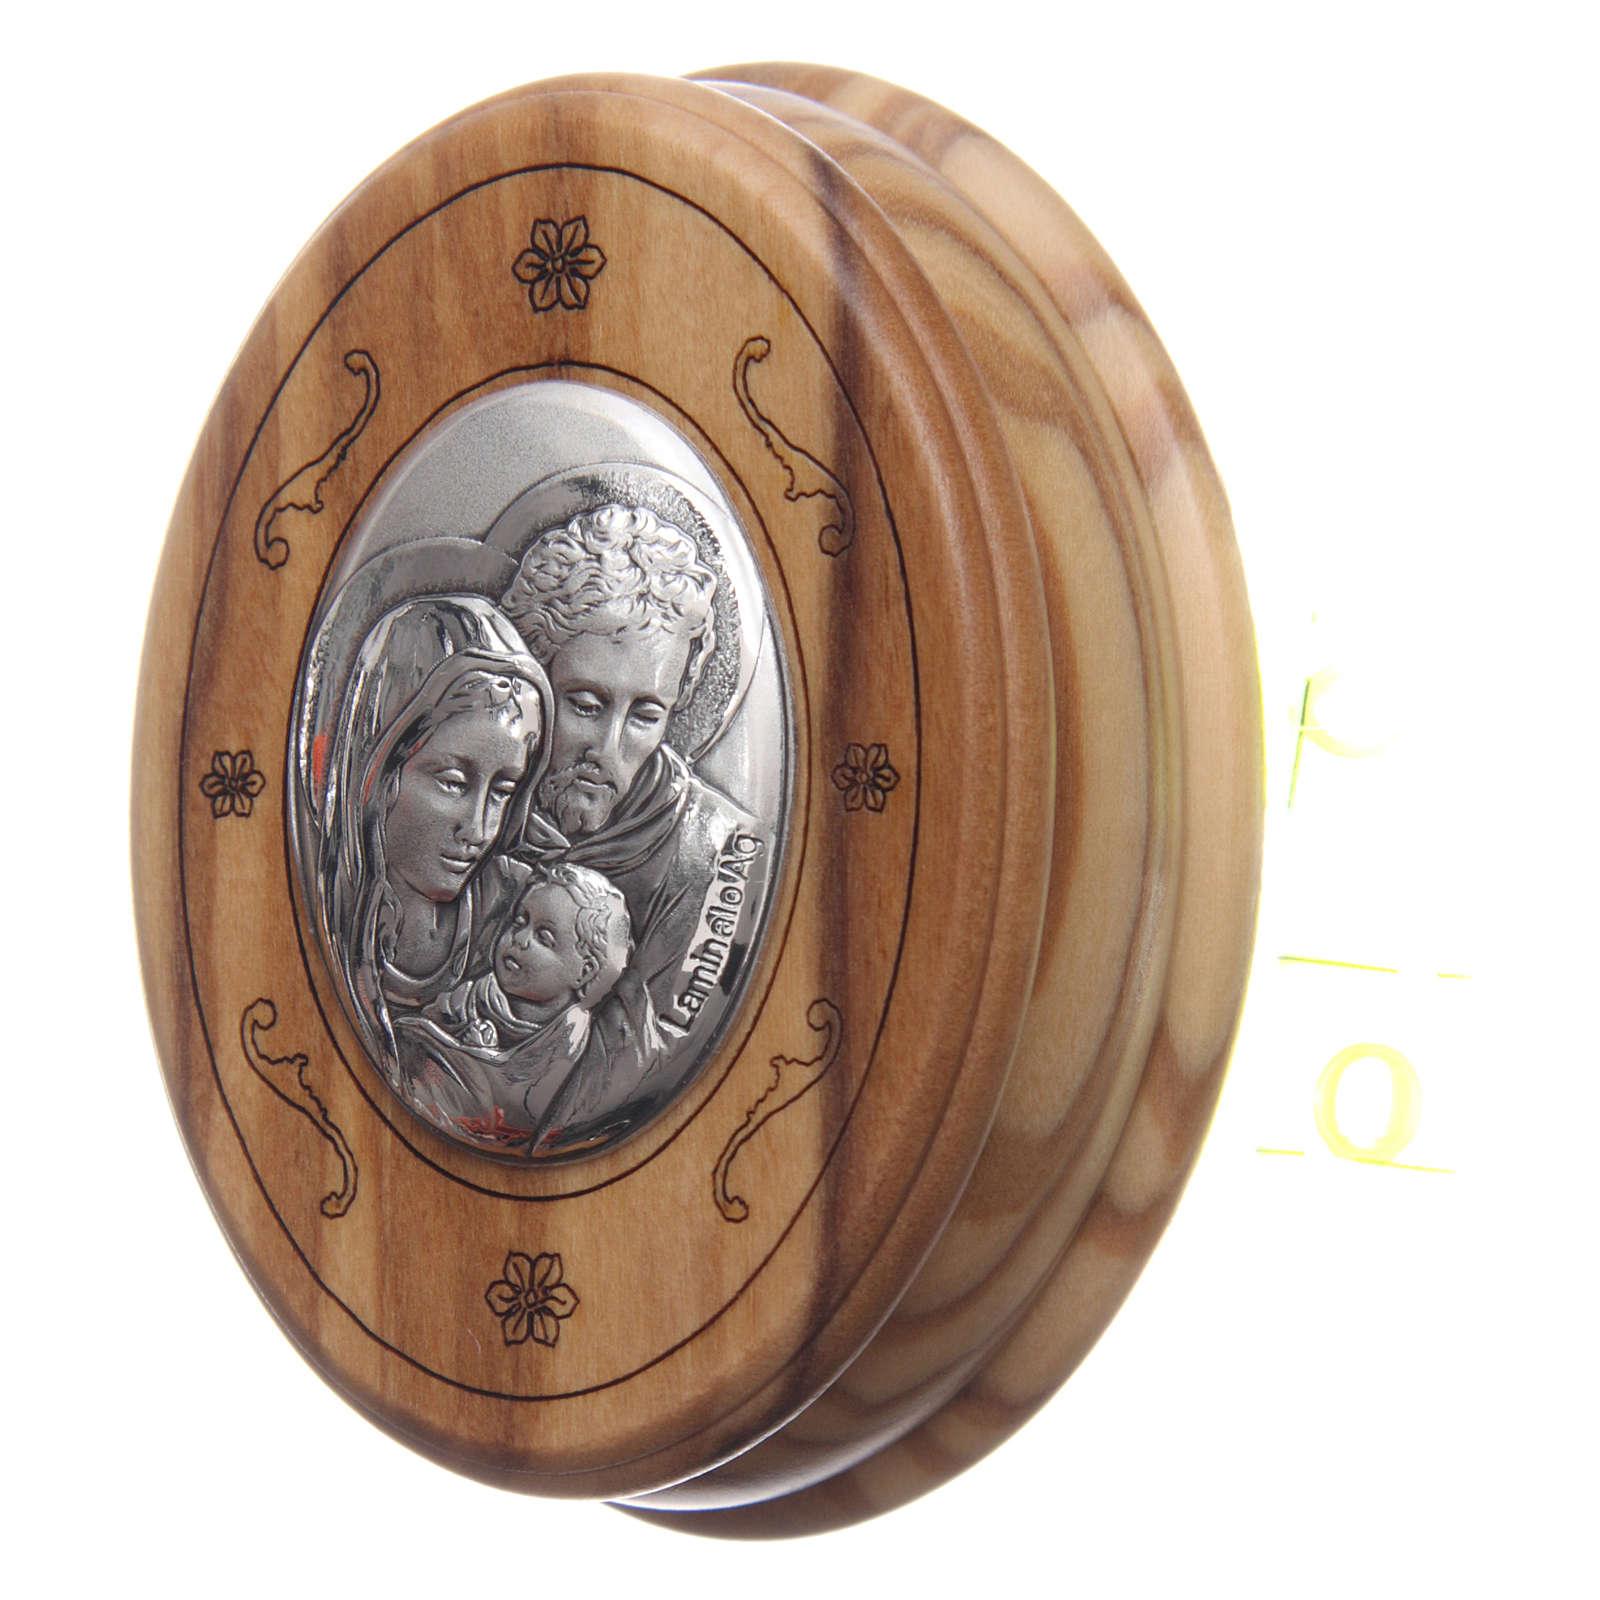 Coffret ovale en olivier avec chapelet en bois 5 mm 4